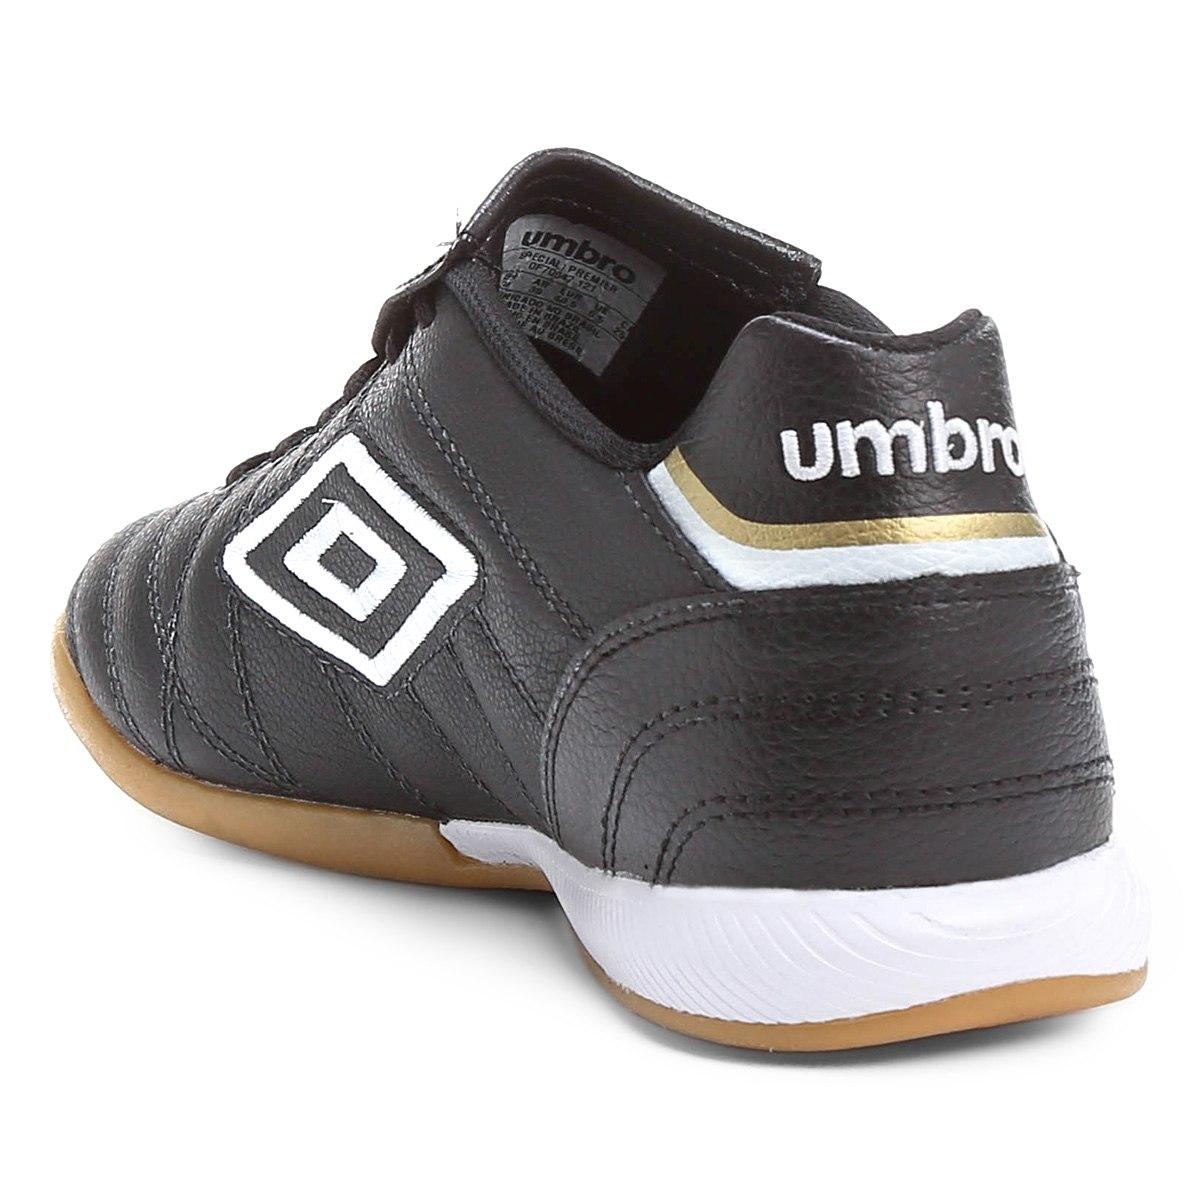 Chuteira Futsal Umbro Speciali Premier Masculino - Preto/Branco